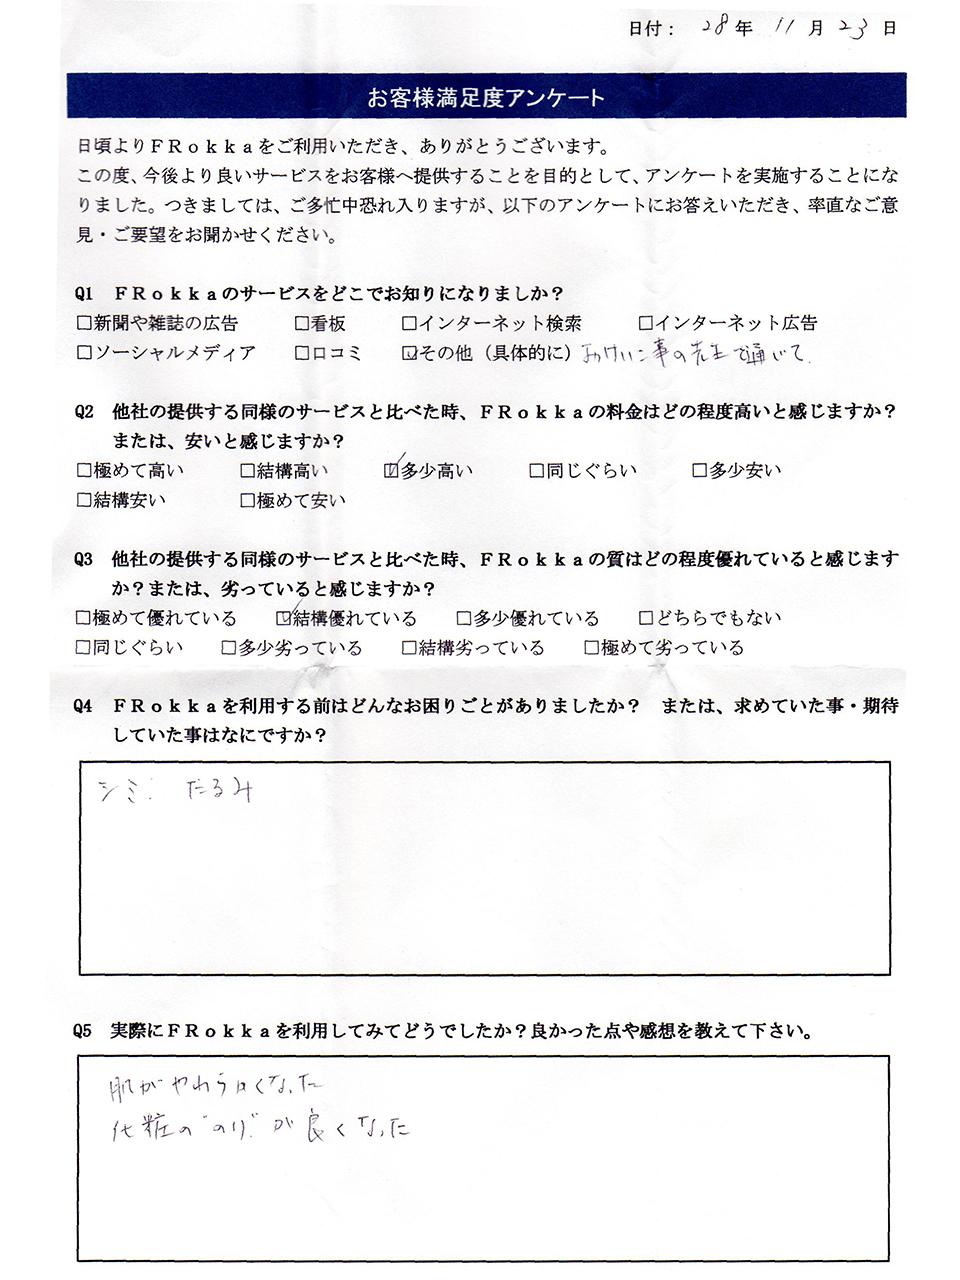 お客様アンケート(50代前半女性)1